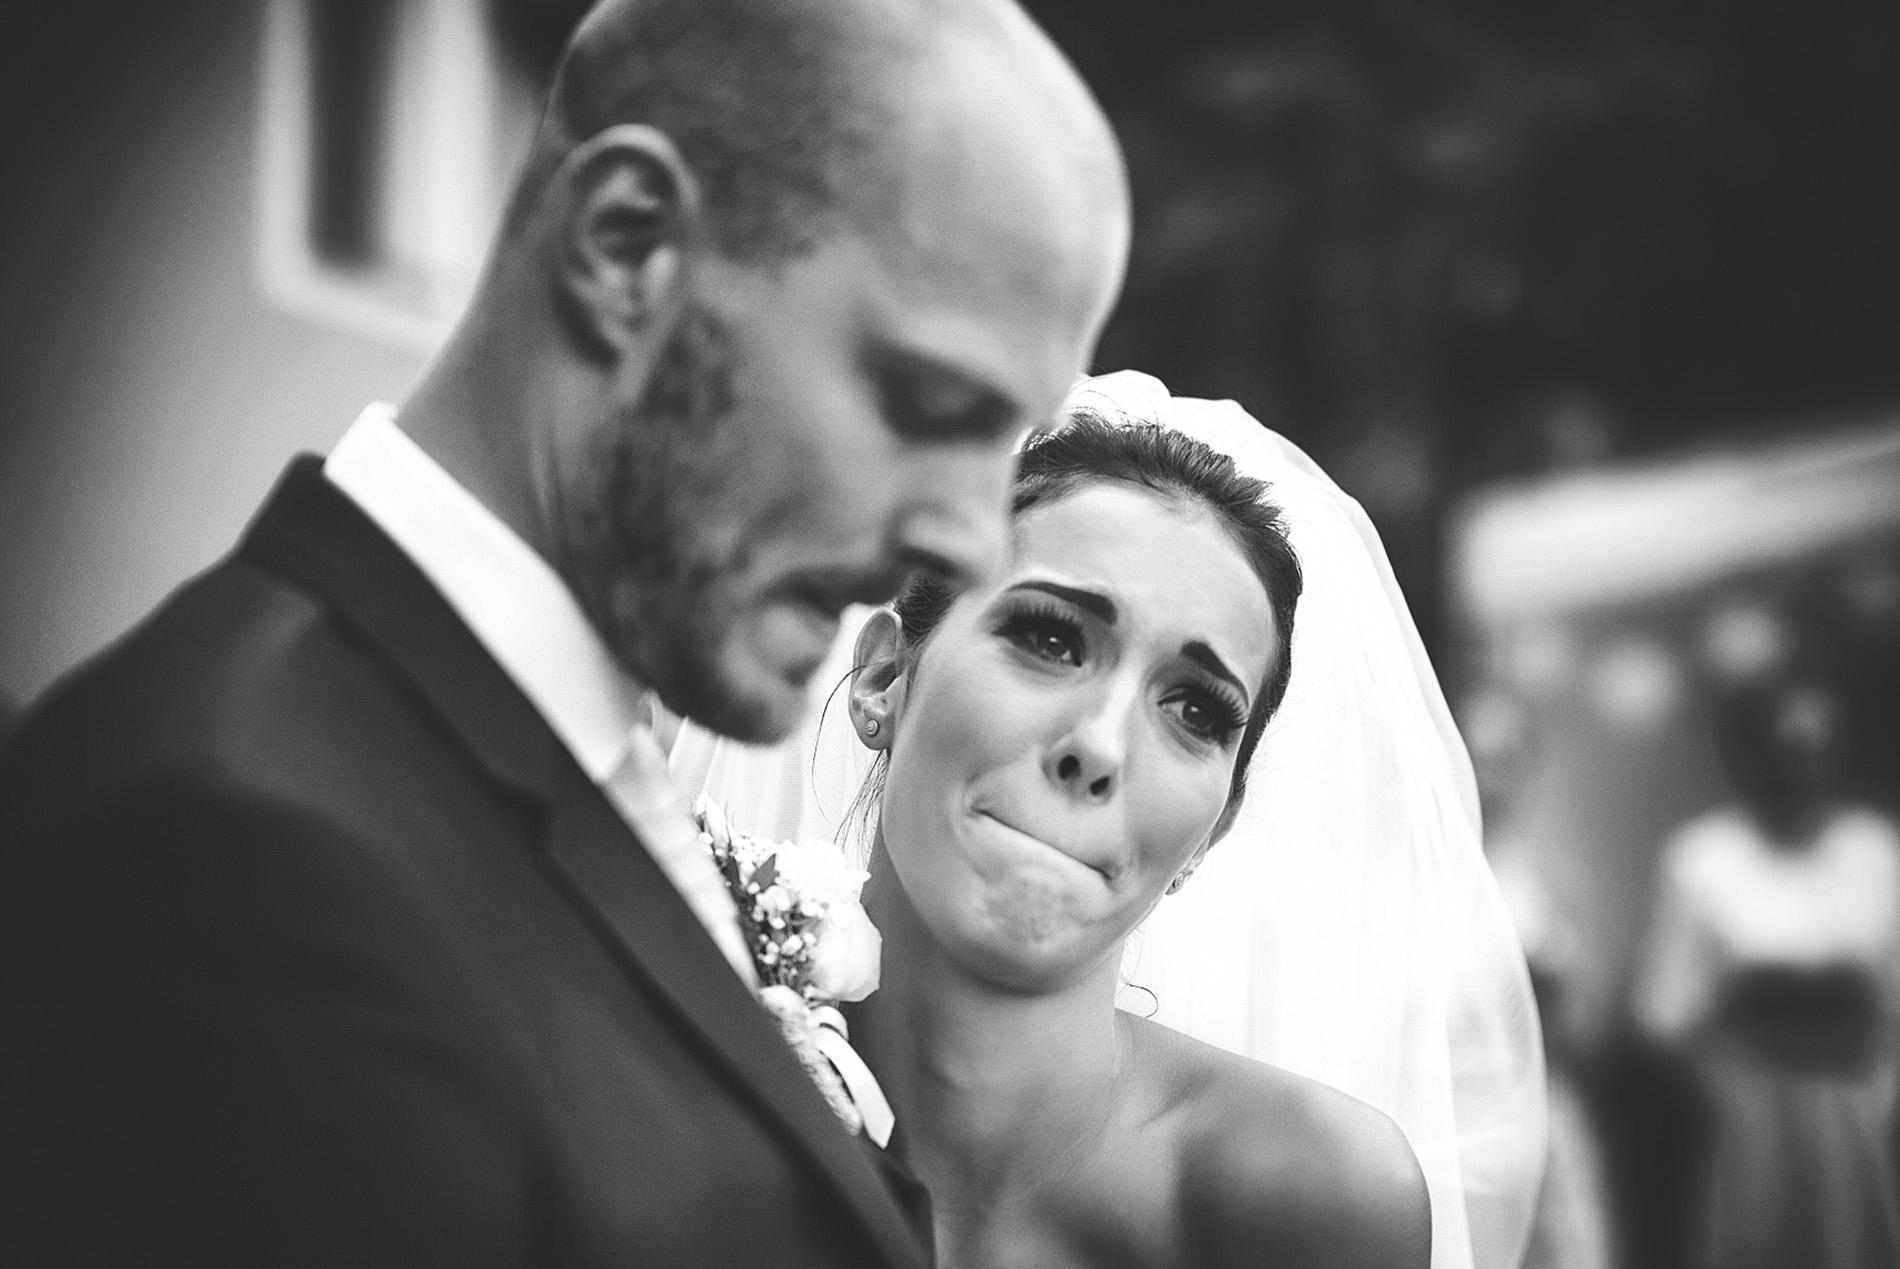 svatební fotograf - svatba v Plzni